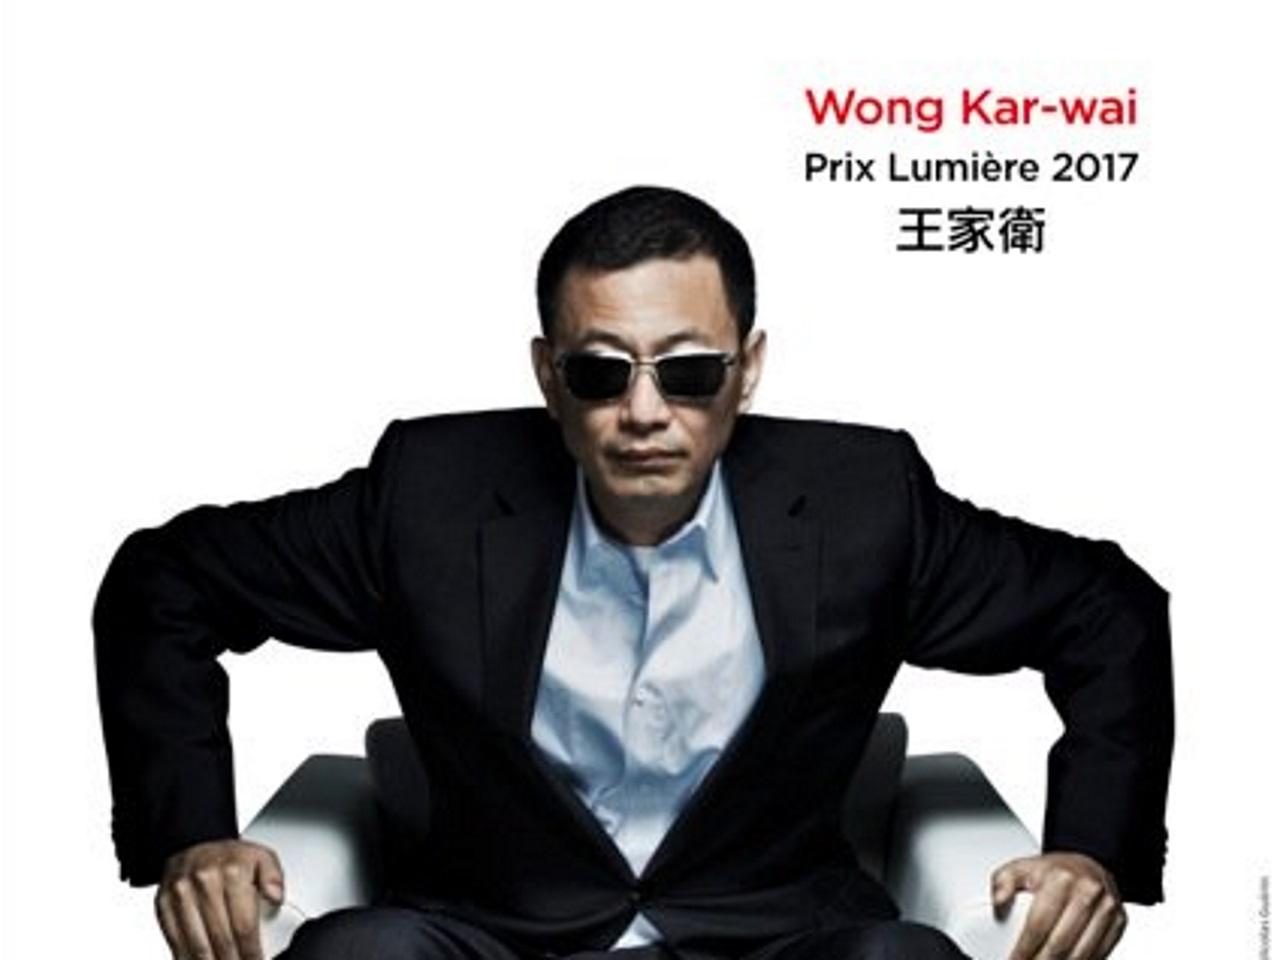 Wong Kar-wai sera le prochain Prix Lumière — Lyon